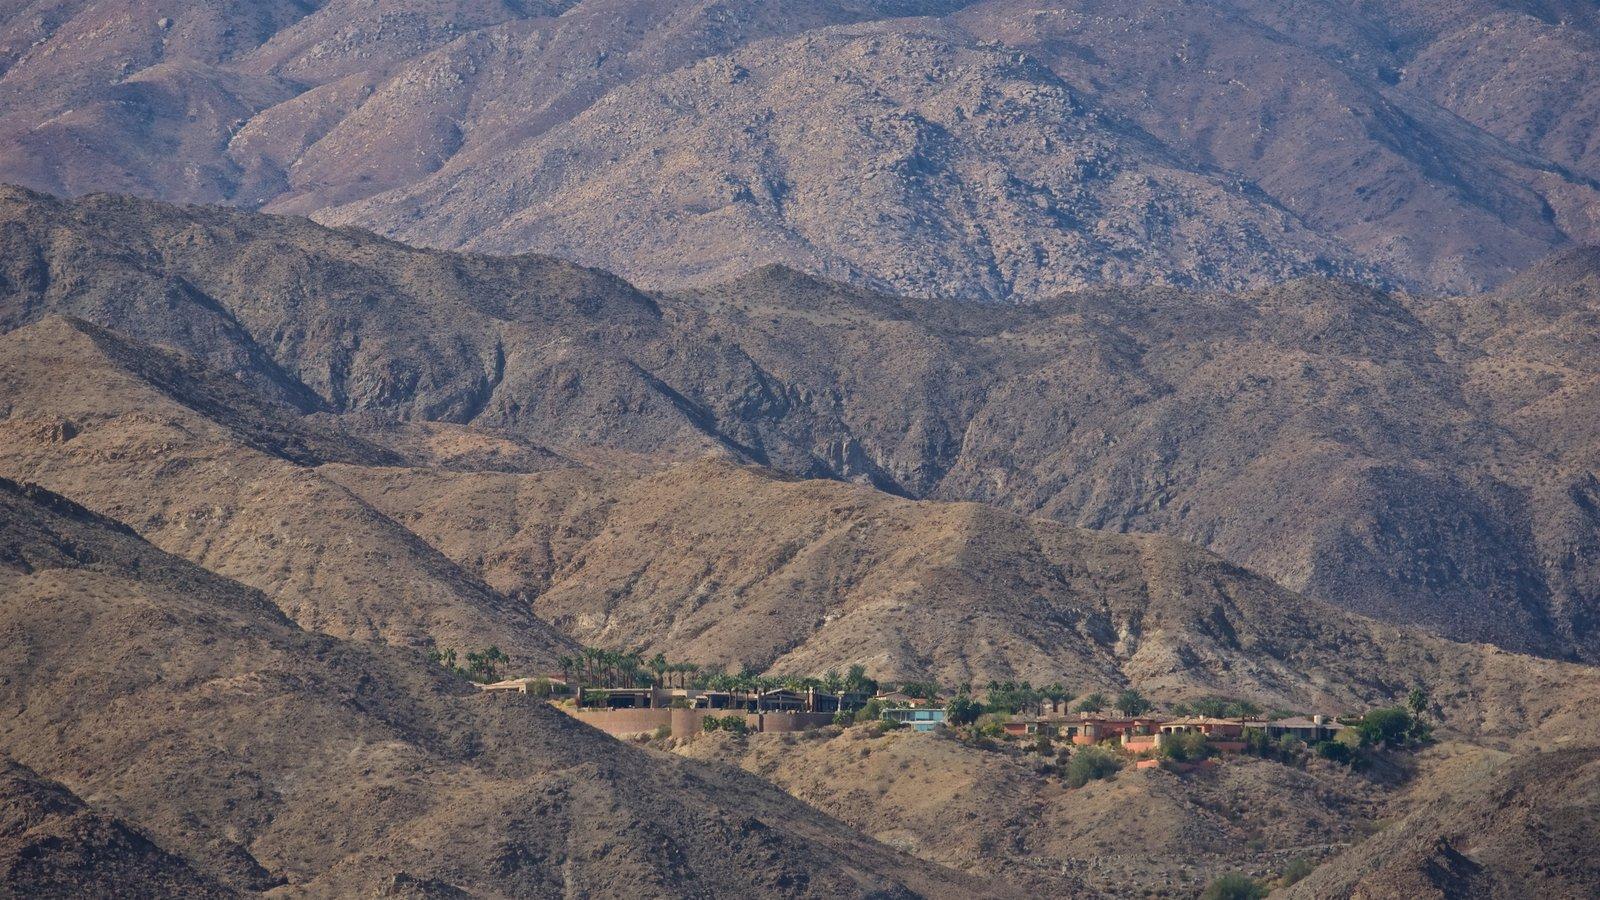 Centro Sunnylands y jardines mostrando montañas